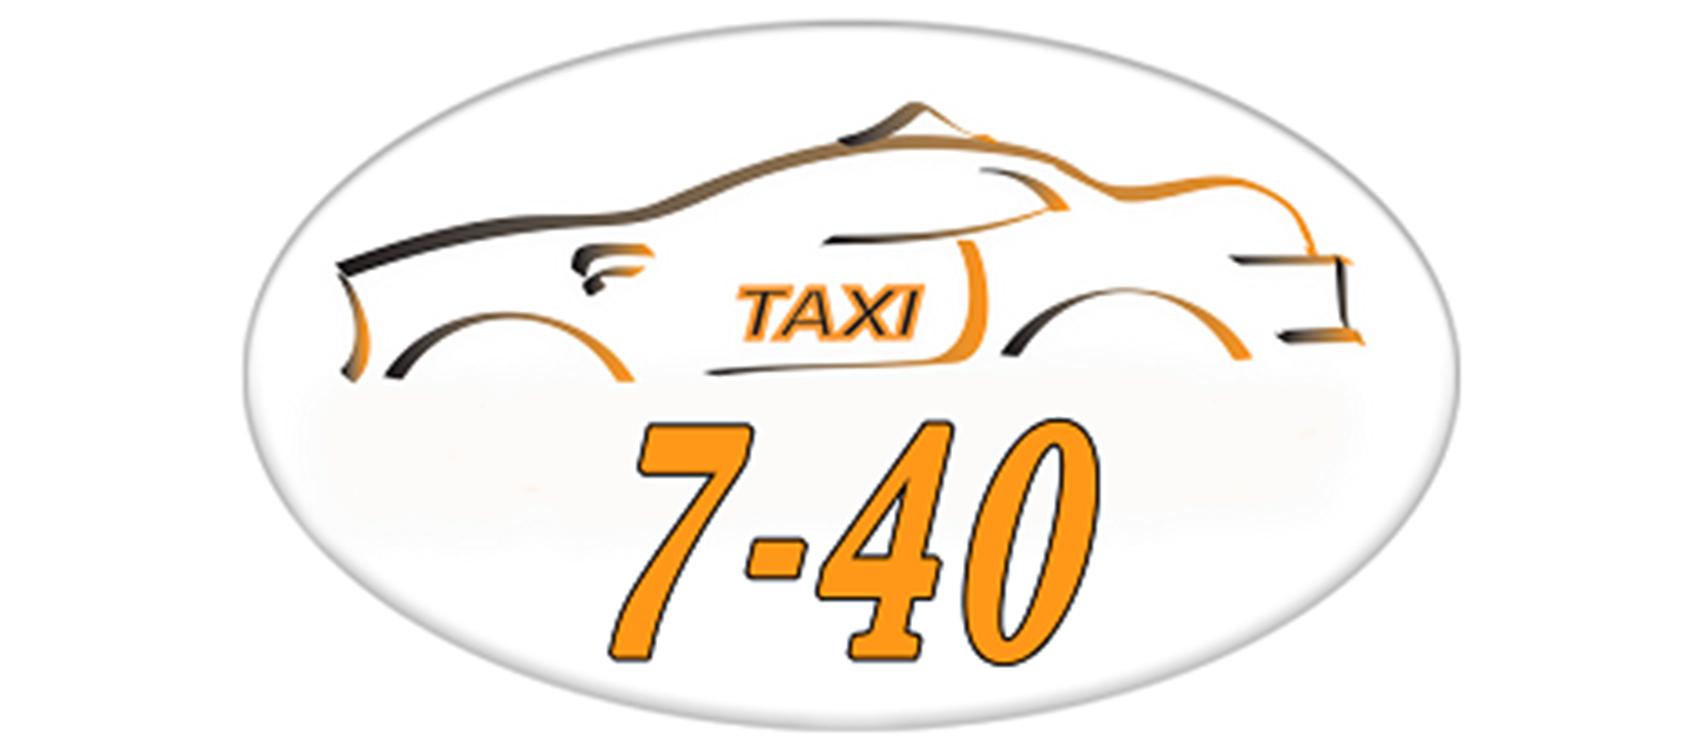 Таксі 740 (Одеса)